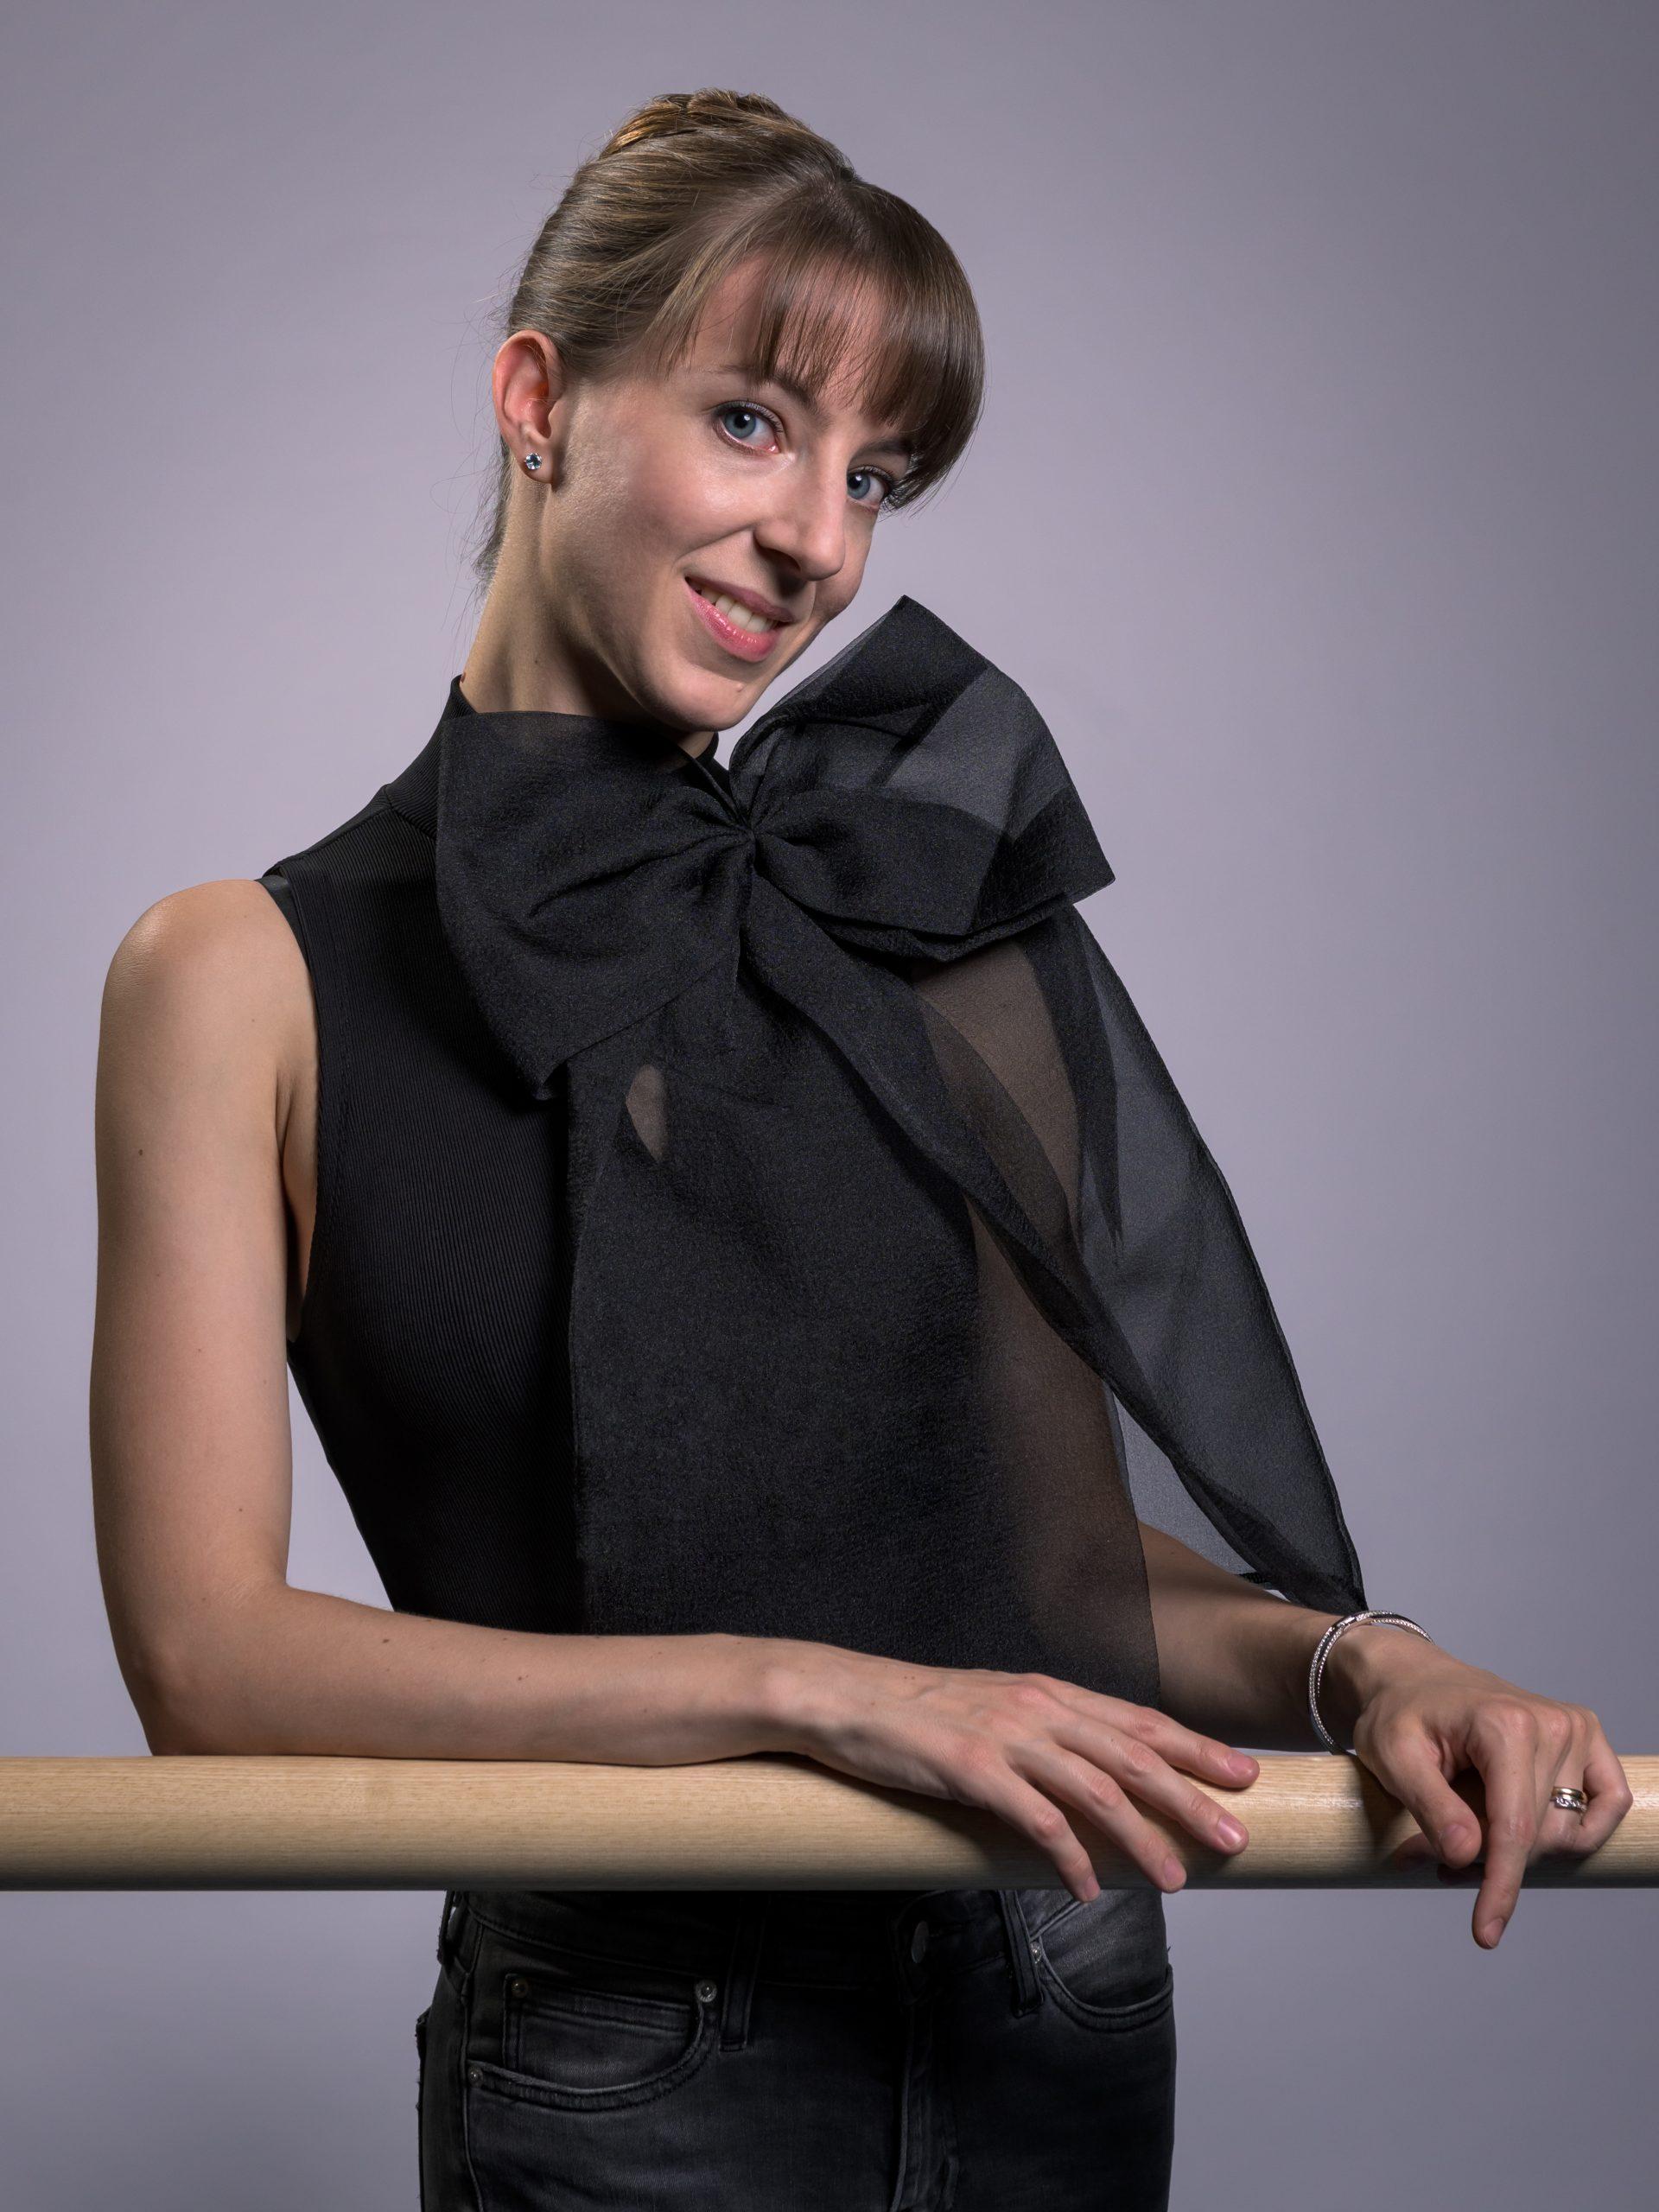 Hana Abram (Balet)